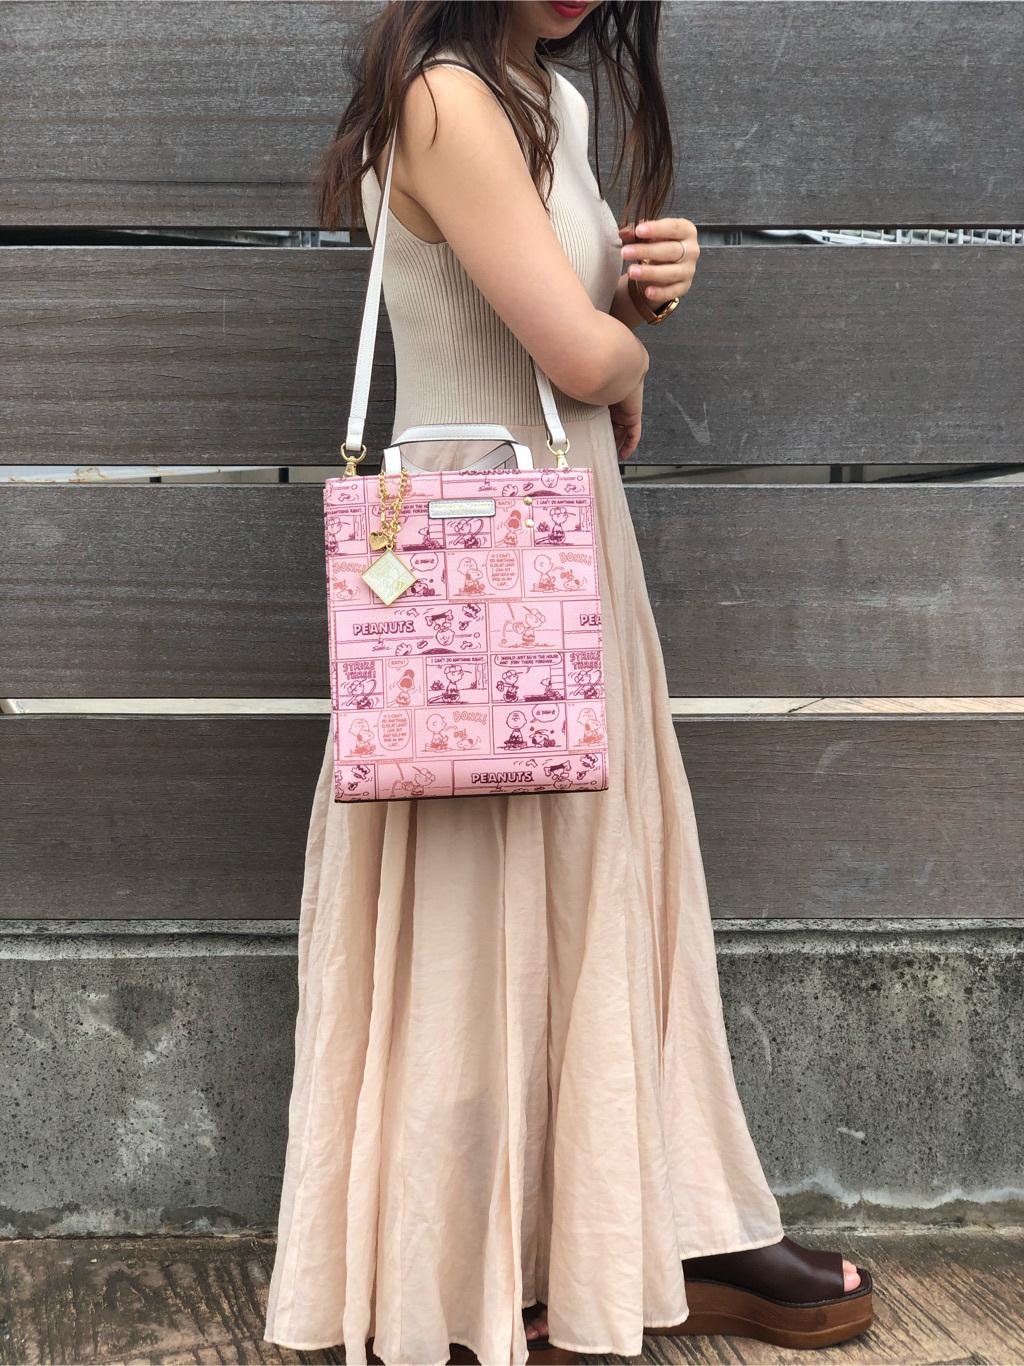 PCプラス渋谷ヒカリエShinQs店 Maino